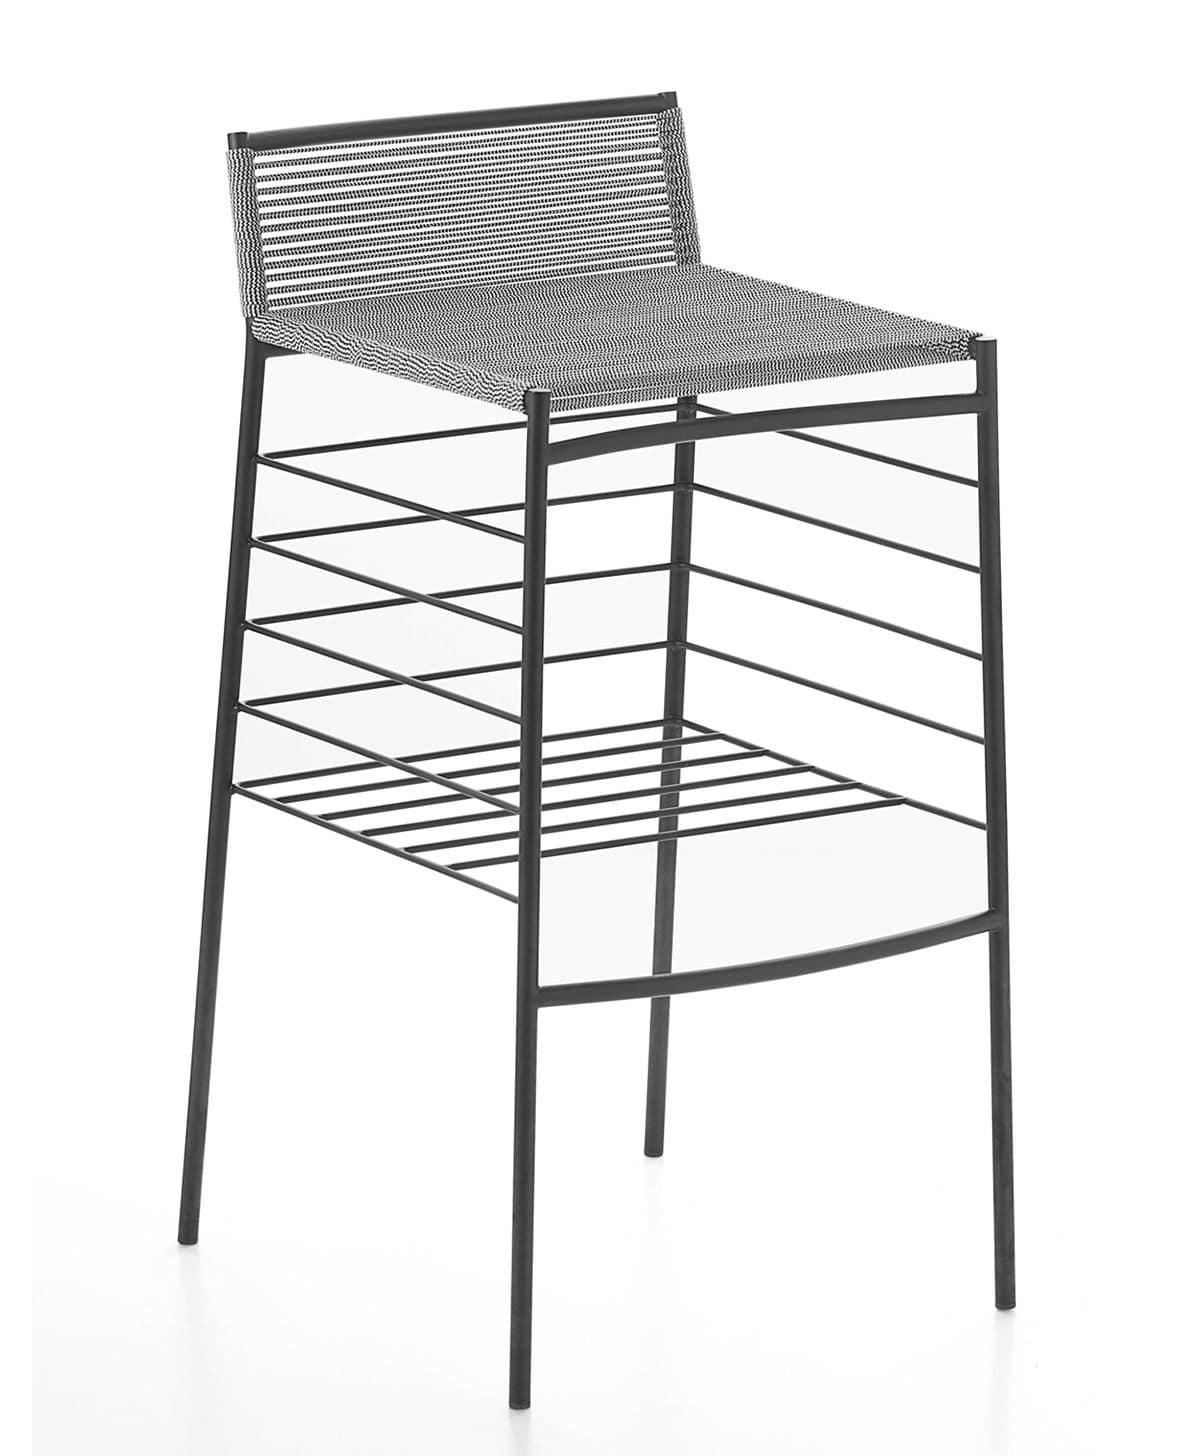 ATchair-05, Sgabello in metallo con seduta in cordino PVC ideale per ambienti residenziali e bar